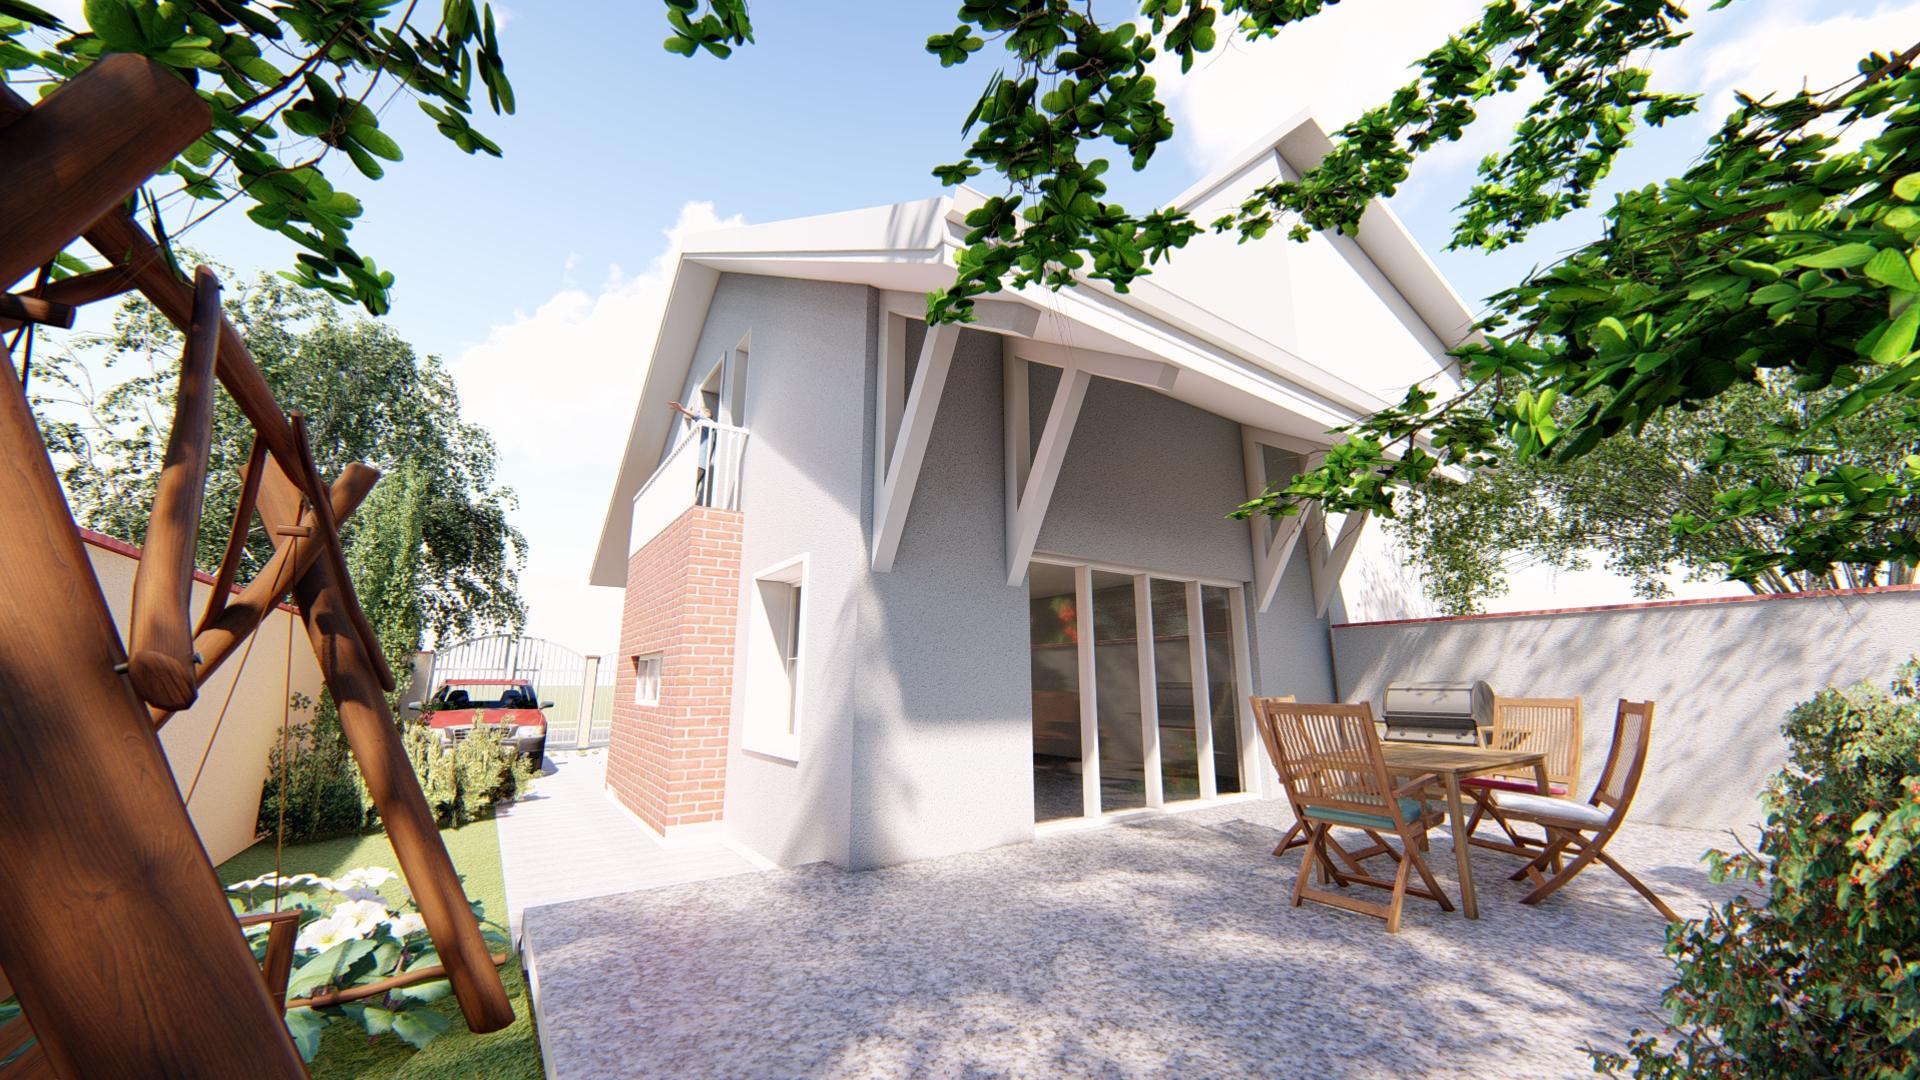 Proiect de casă cu subsol, etaj mansardat, terasă și grădină – GALERIE FOTO